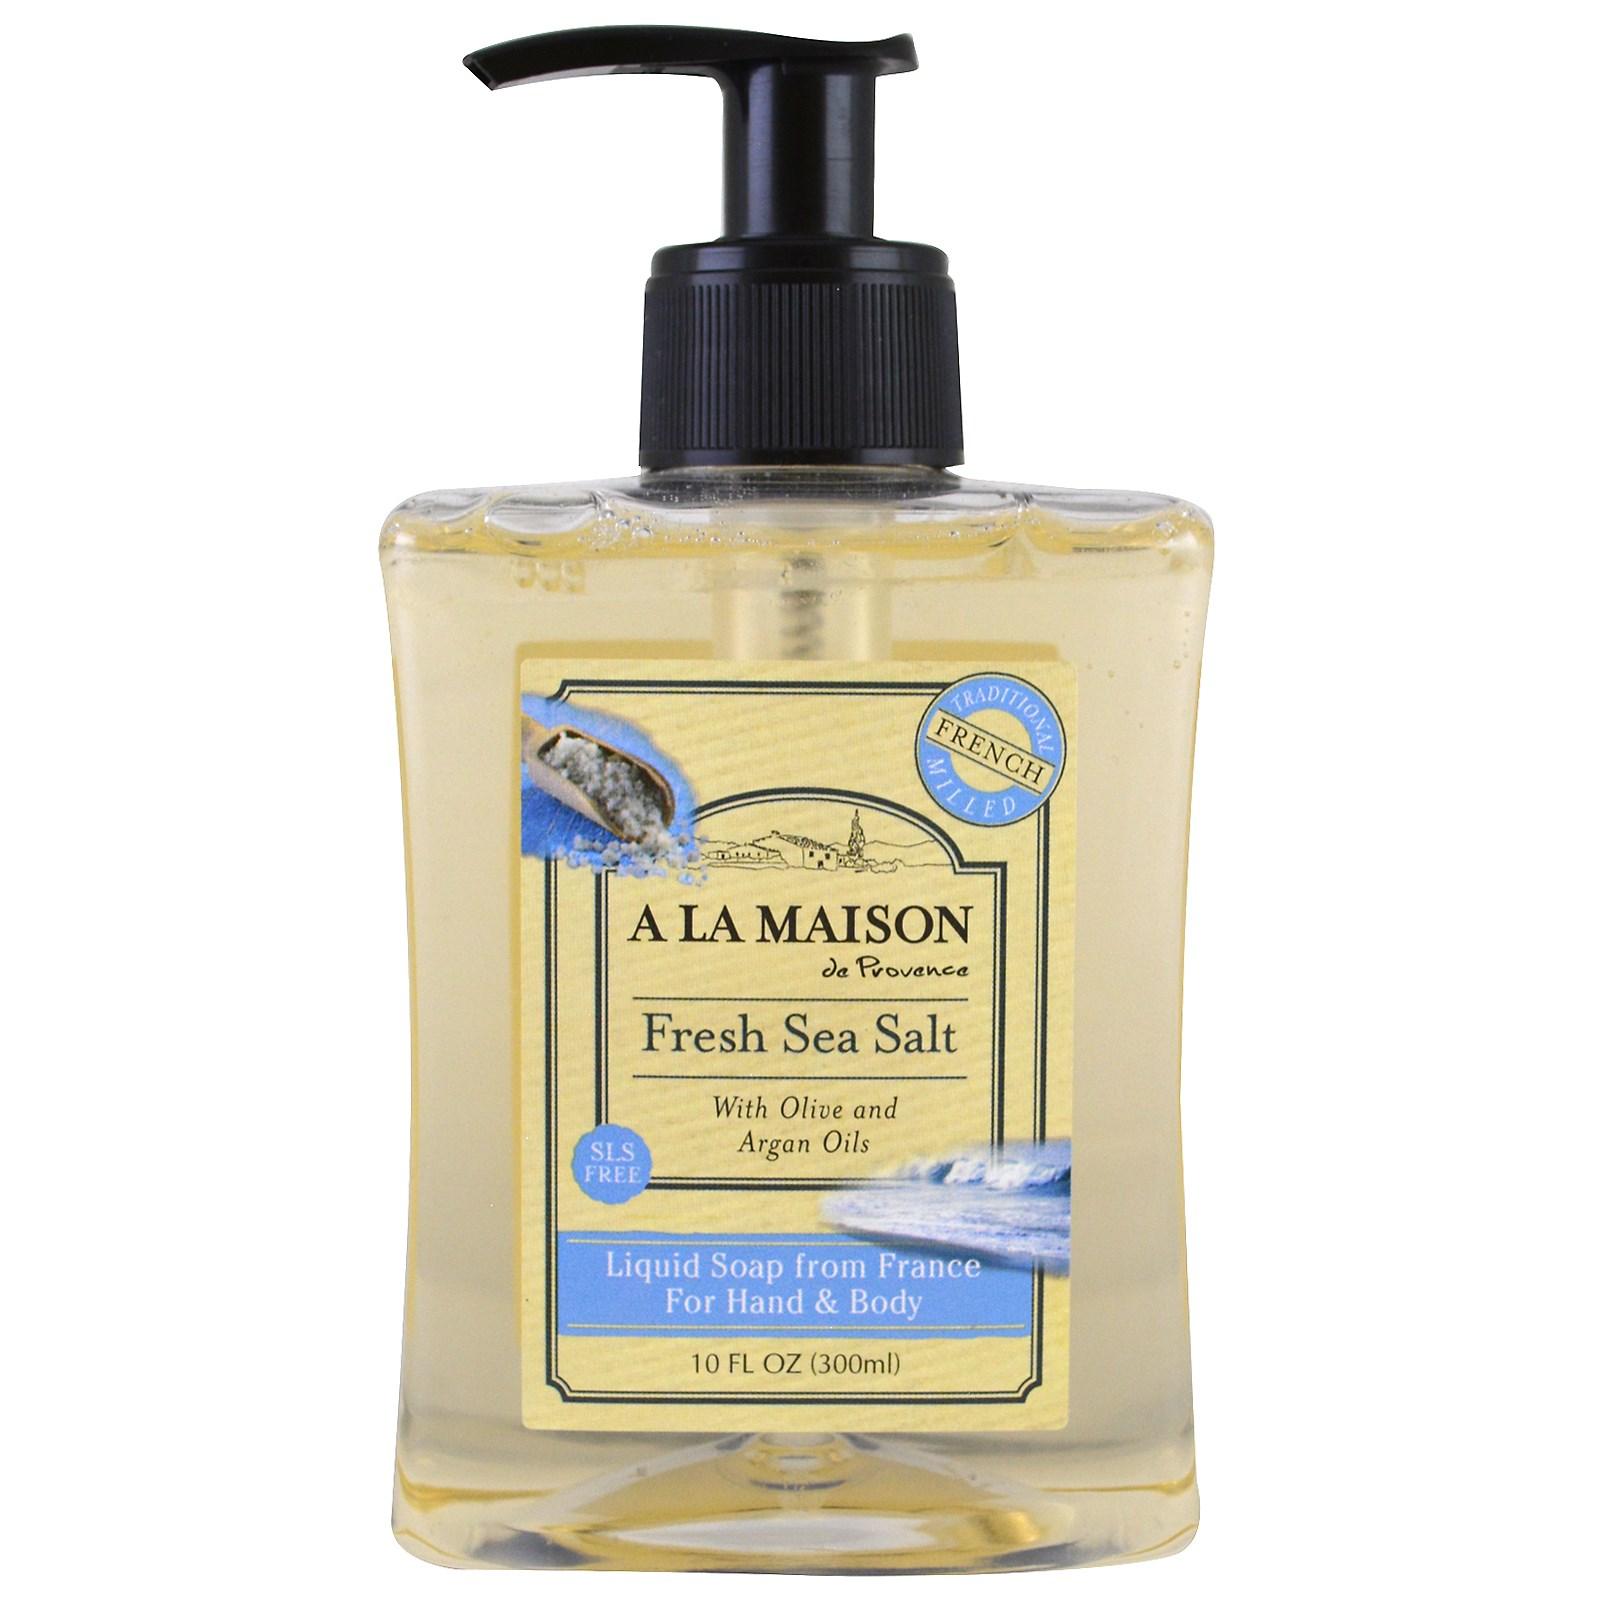 A La Maison de Provence, Жидкое мыло для рук и тела, морская соль, 300 мл (10 fl oz)